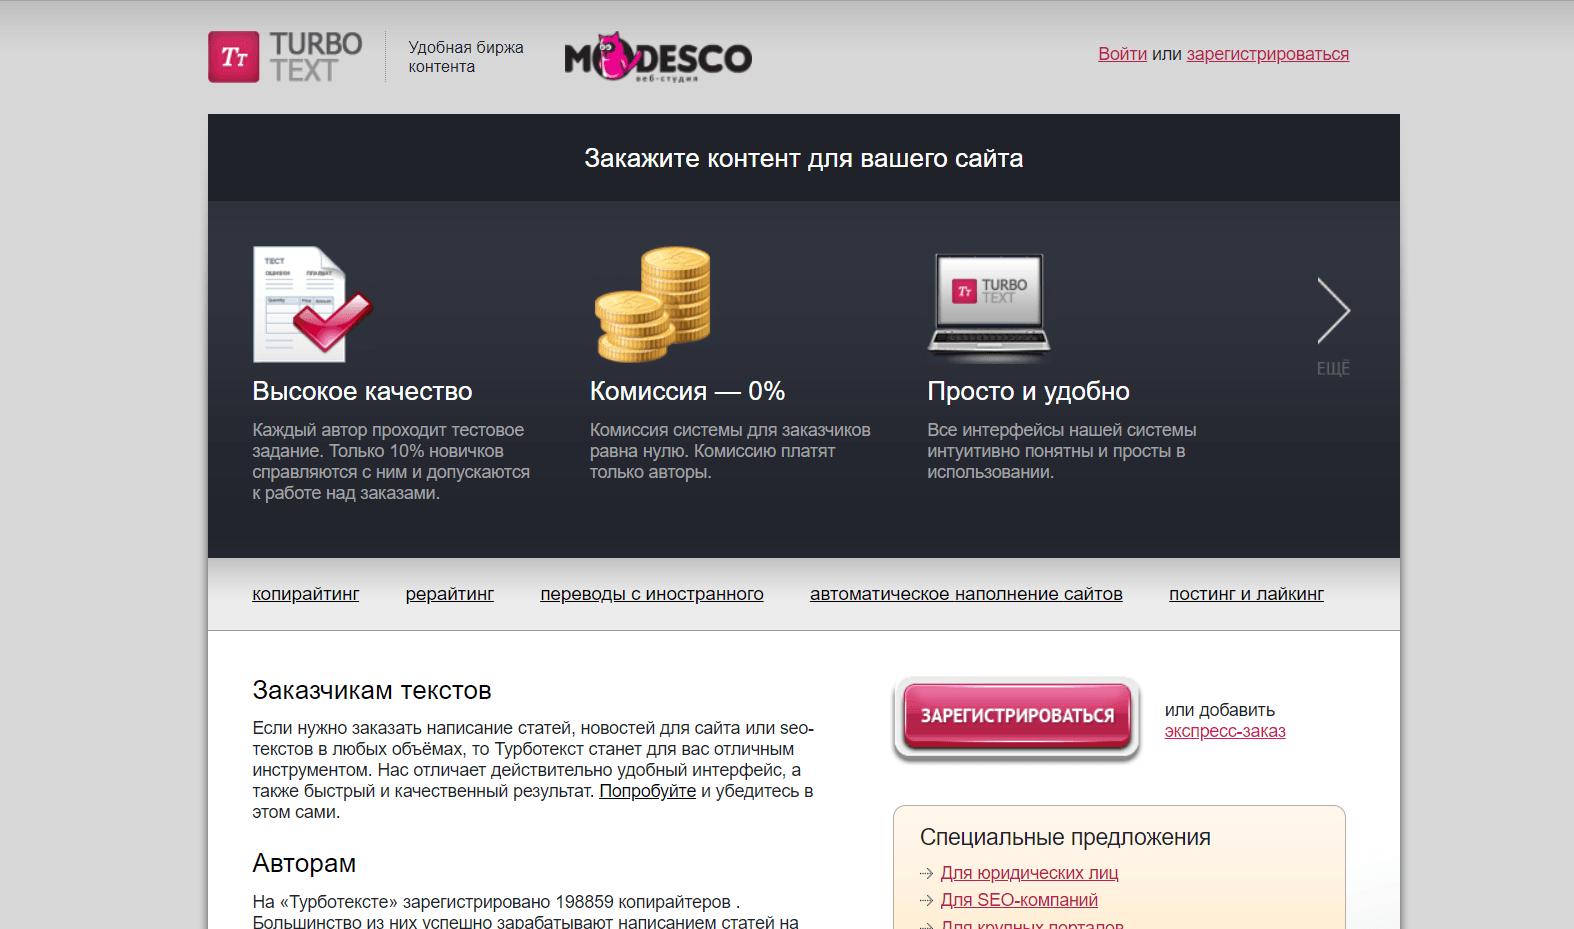 Turbotext - биржа копирайтинга с хорошими расценками